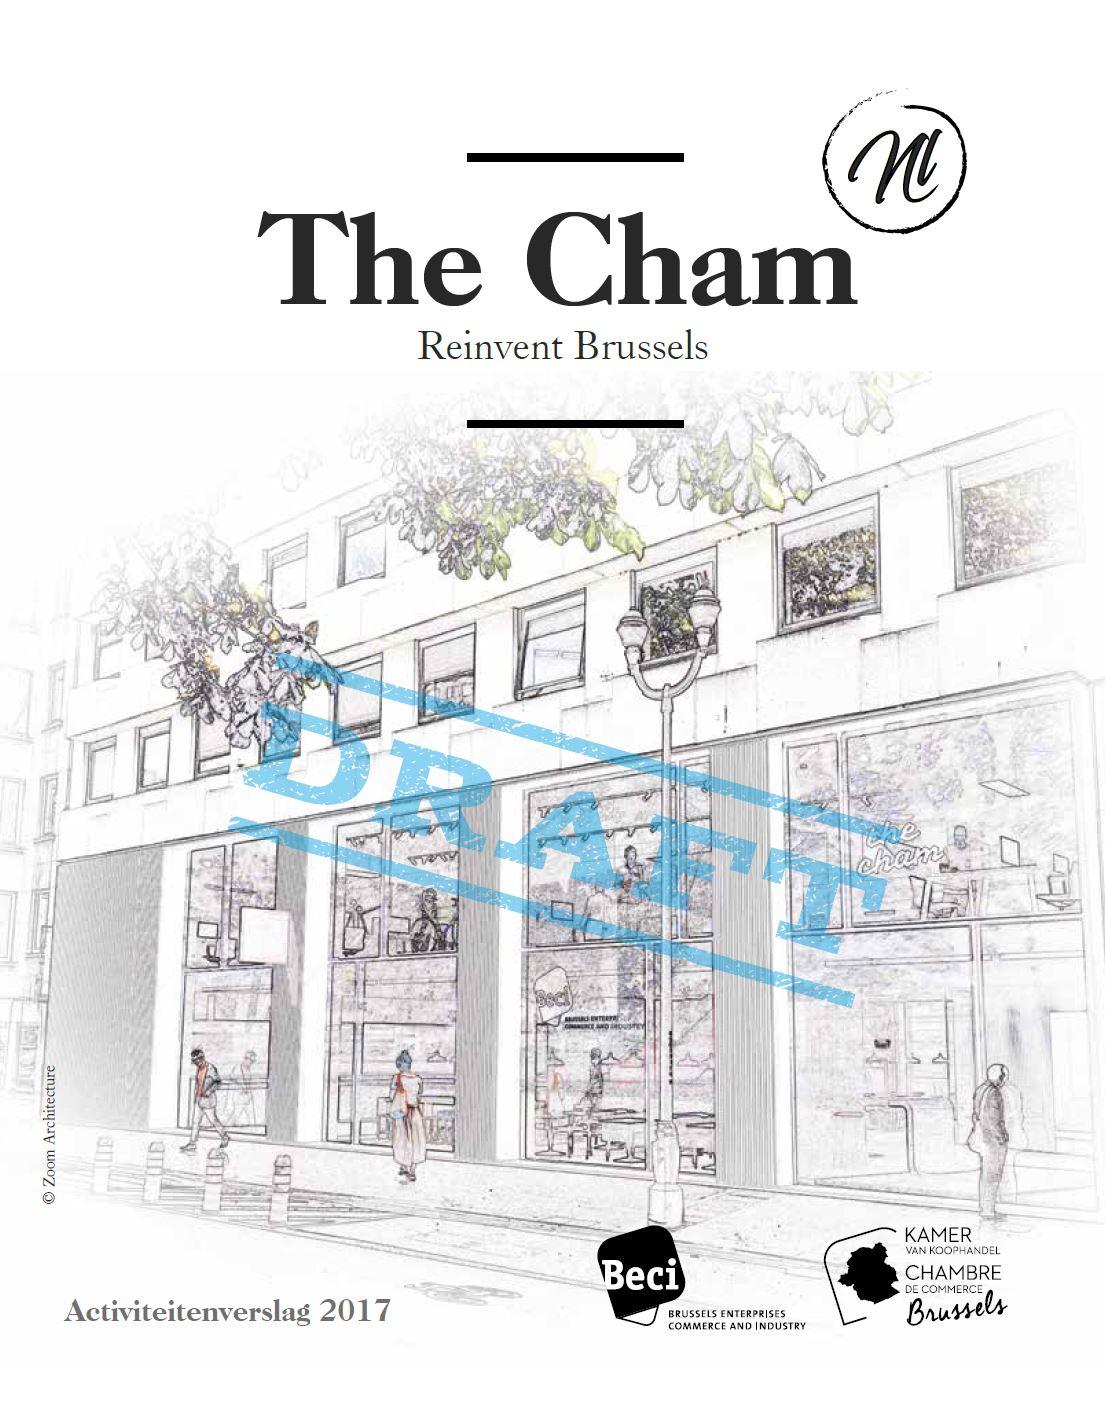 Jaarverslag The Cham 2016-2017